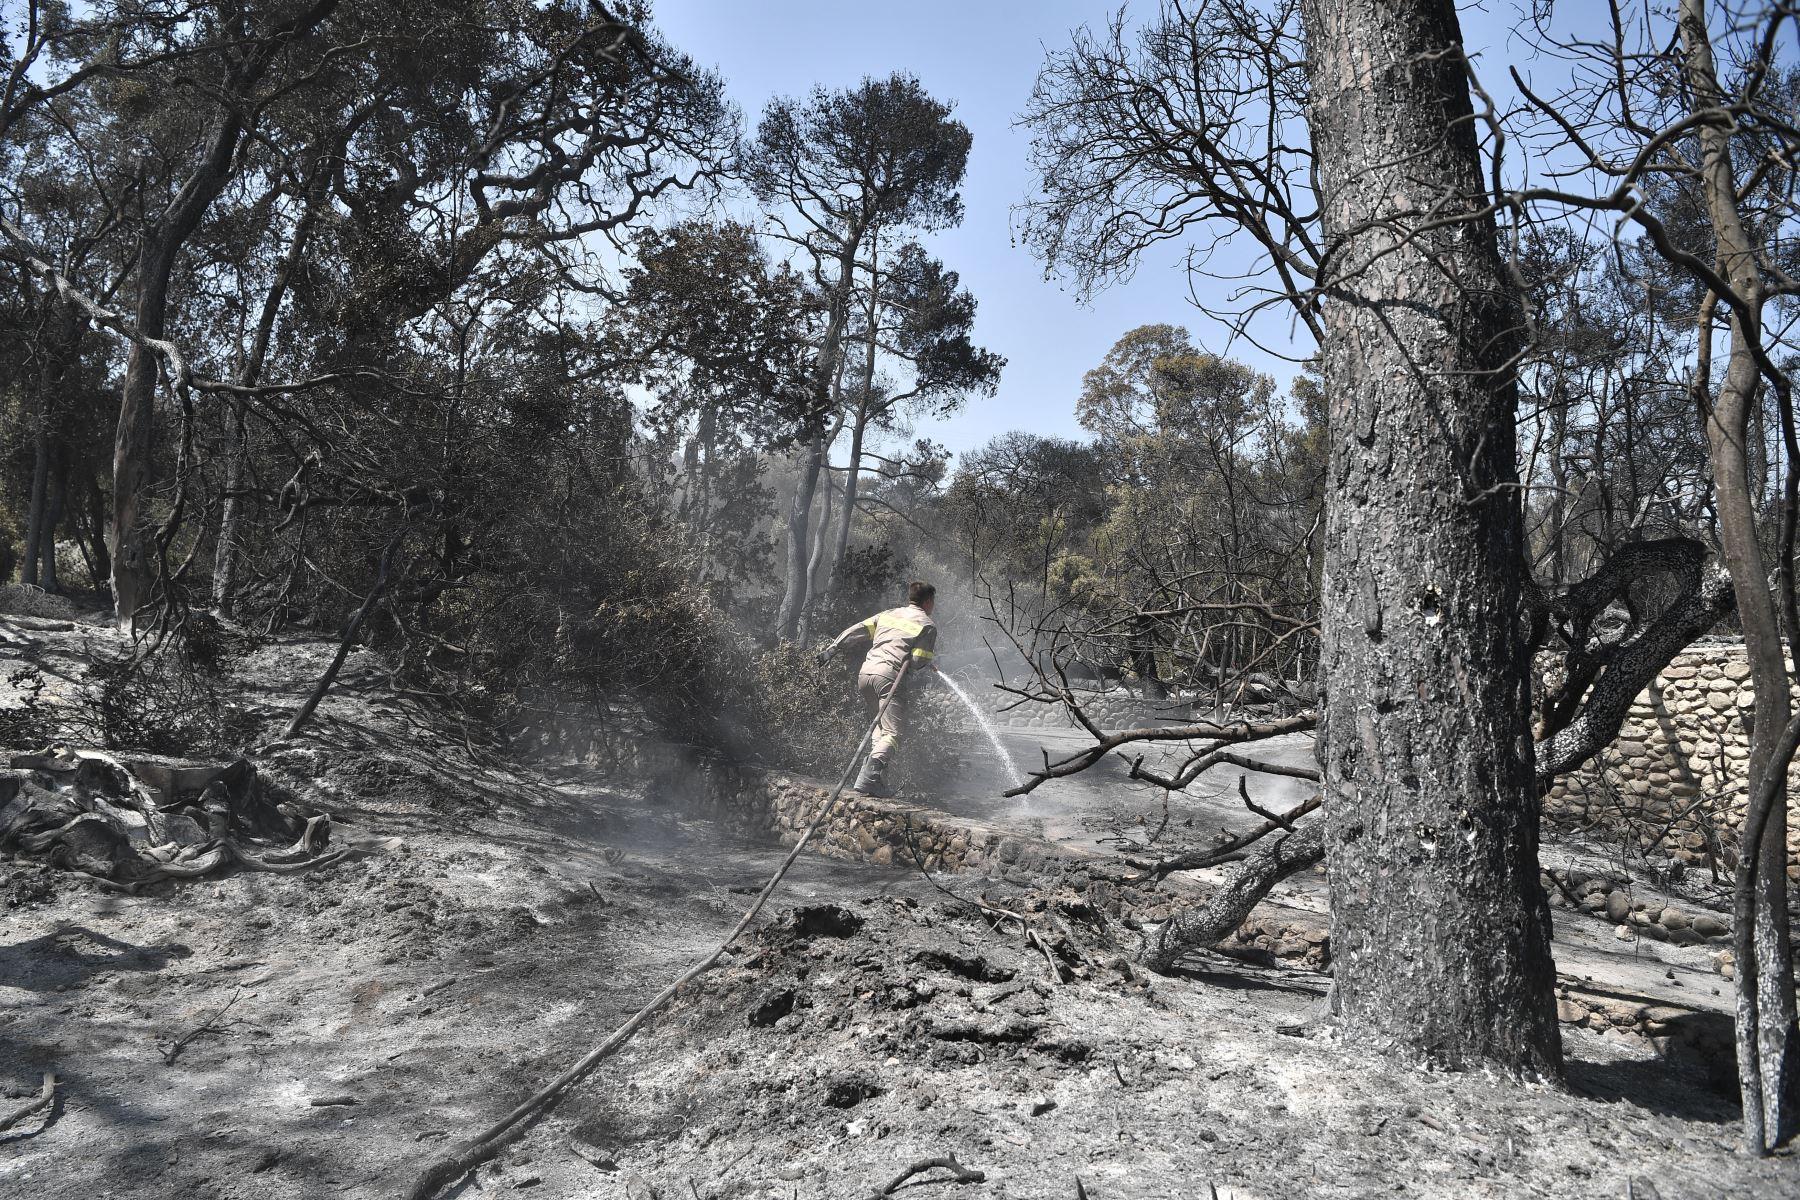 Un bombero limpia el trabajo en el área quemada de un Club Mediterranee abandonado en Lambiri, al este de Patras. Foto: AFP